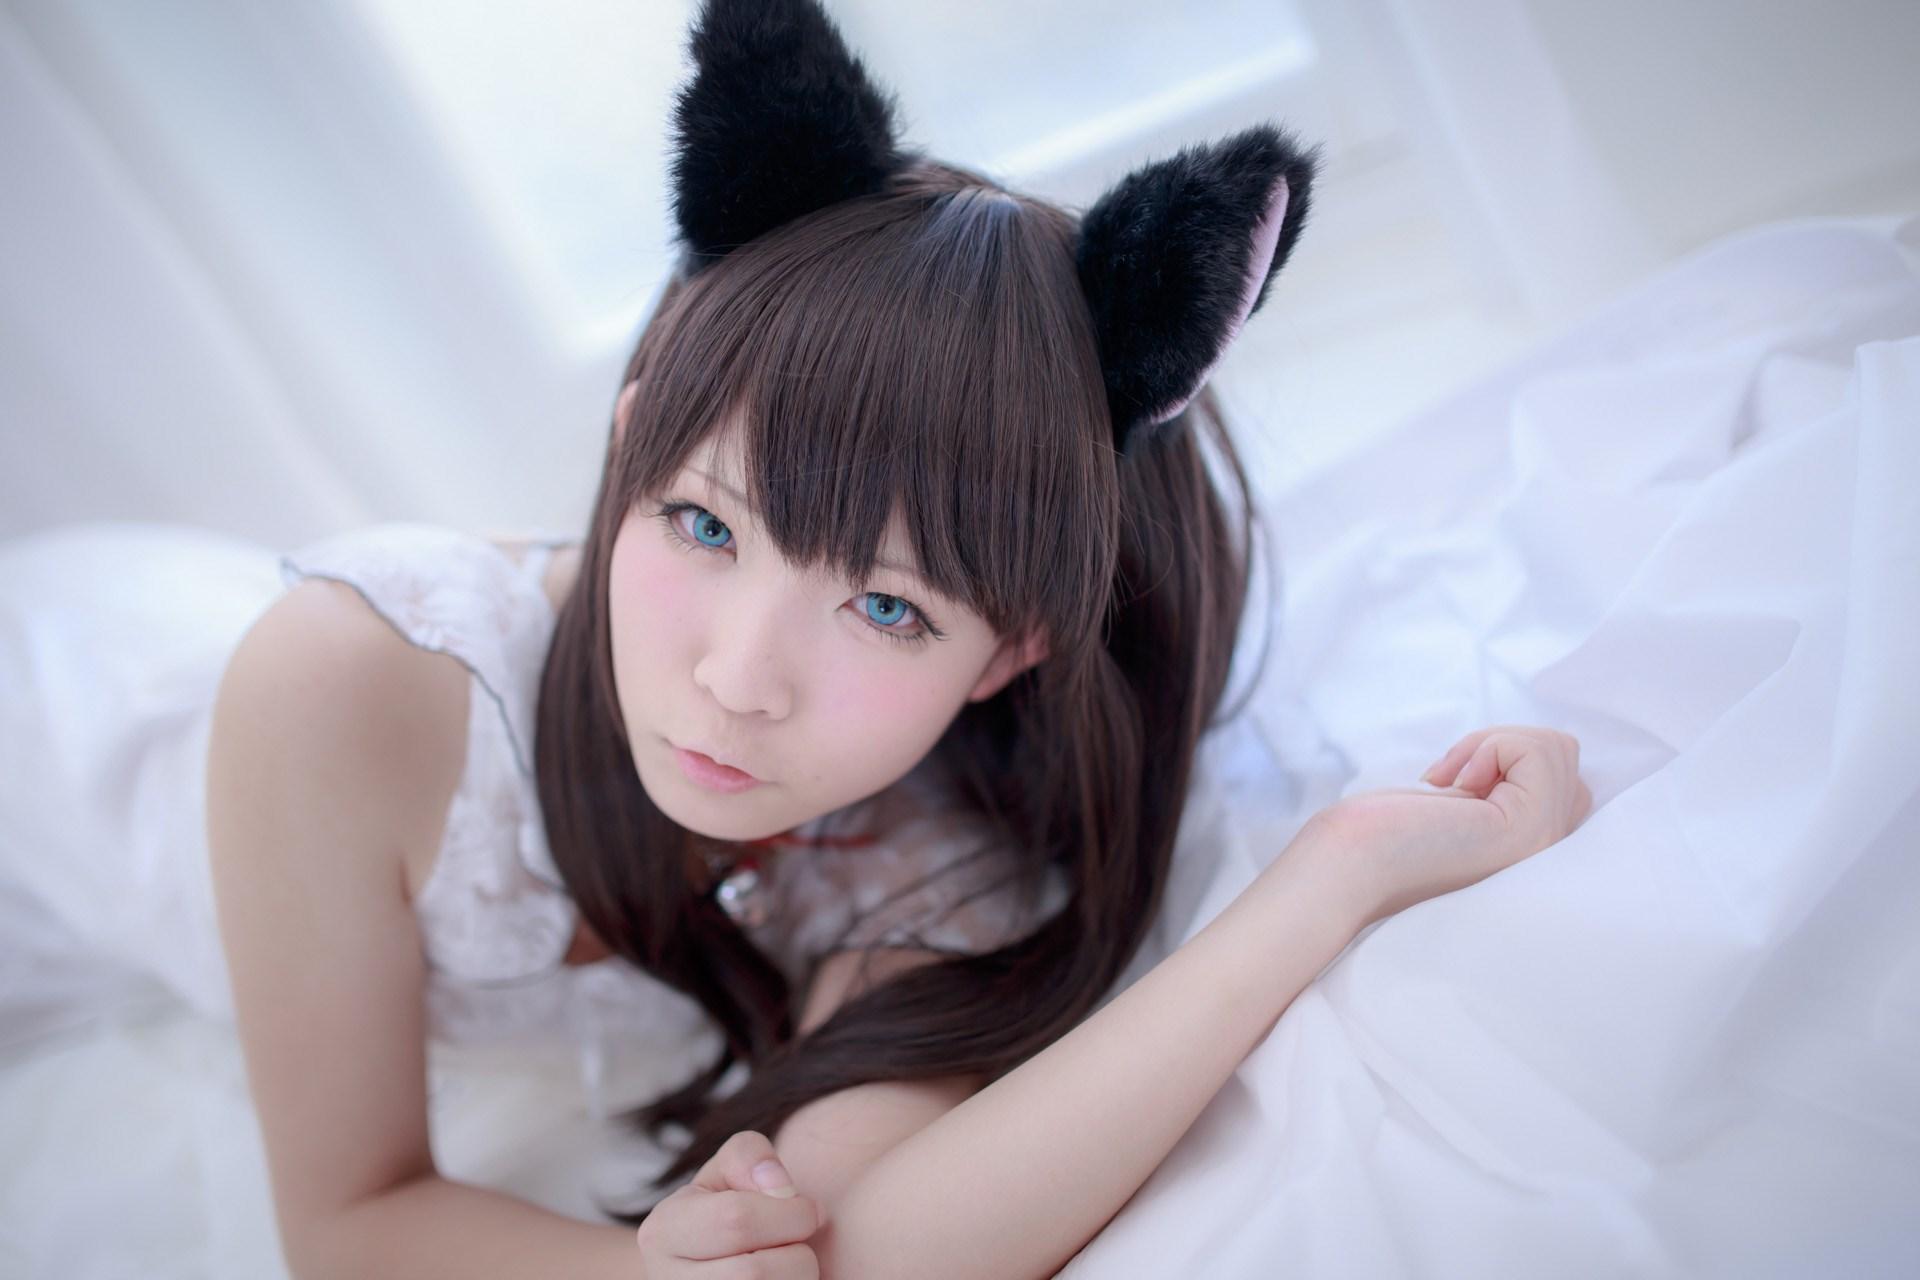 【兔玩映画】猫耳 兔玩映画 第44张